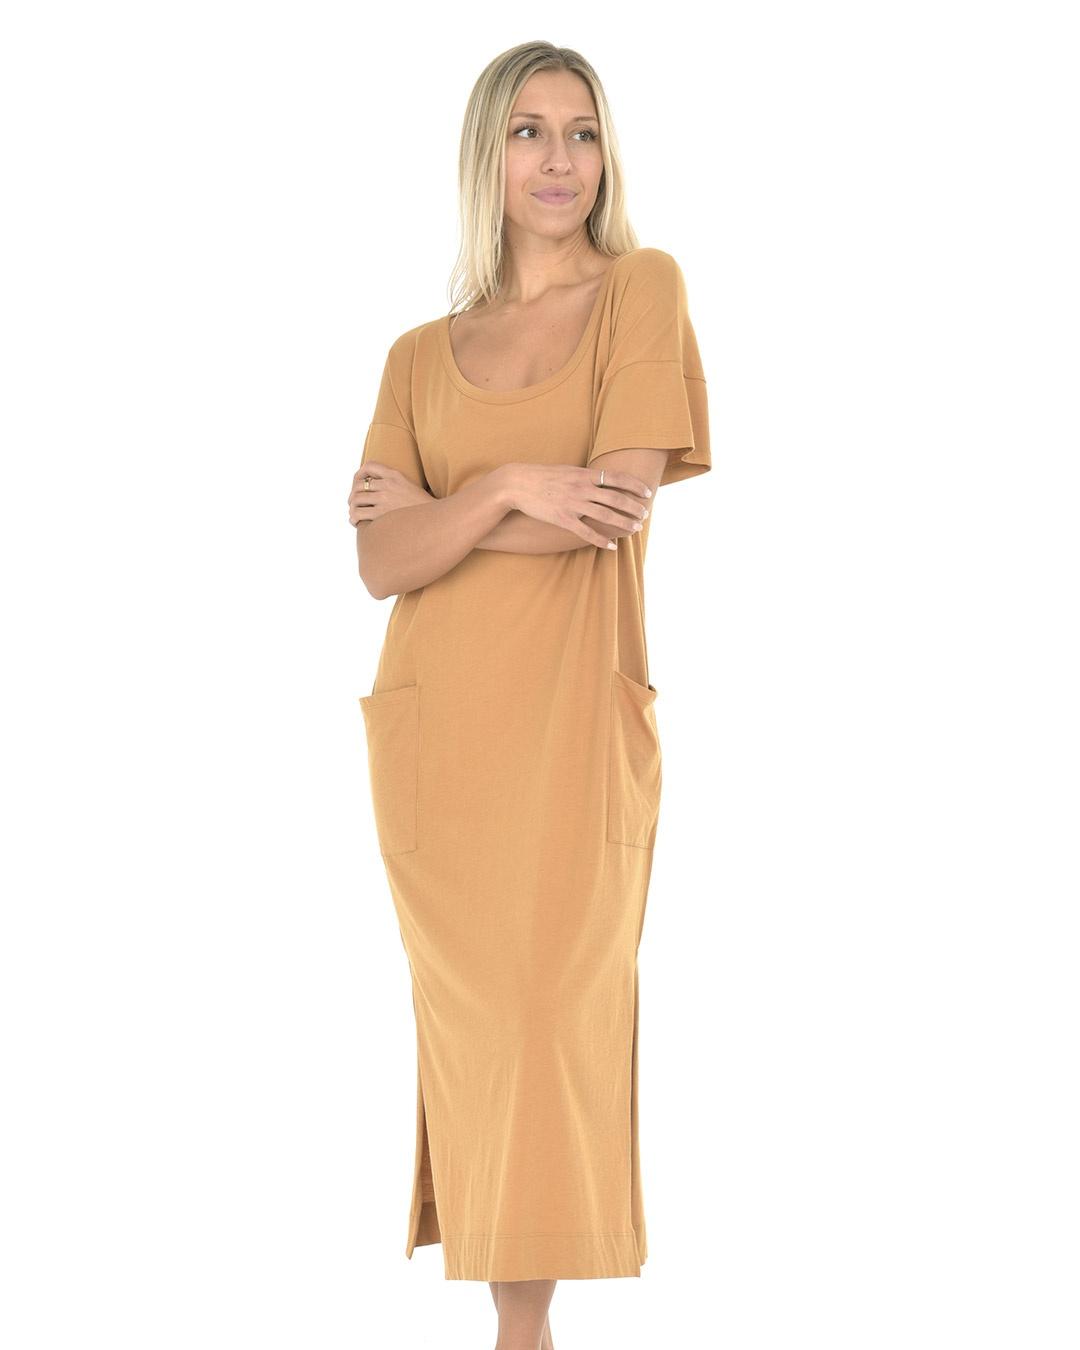 paper-label-gemma-sun-02-dianes-lingerie-vancouver-1080x1350